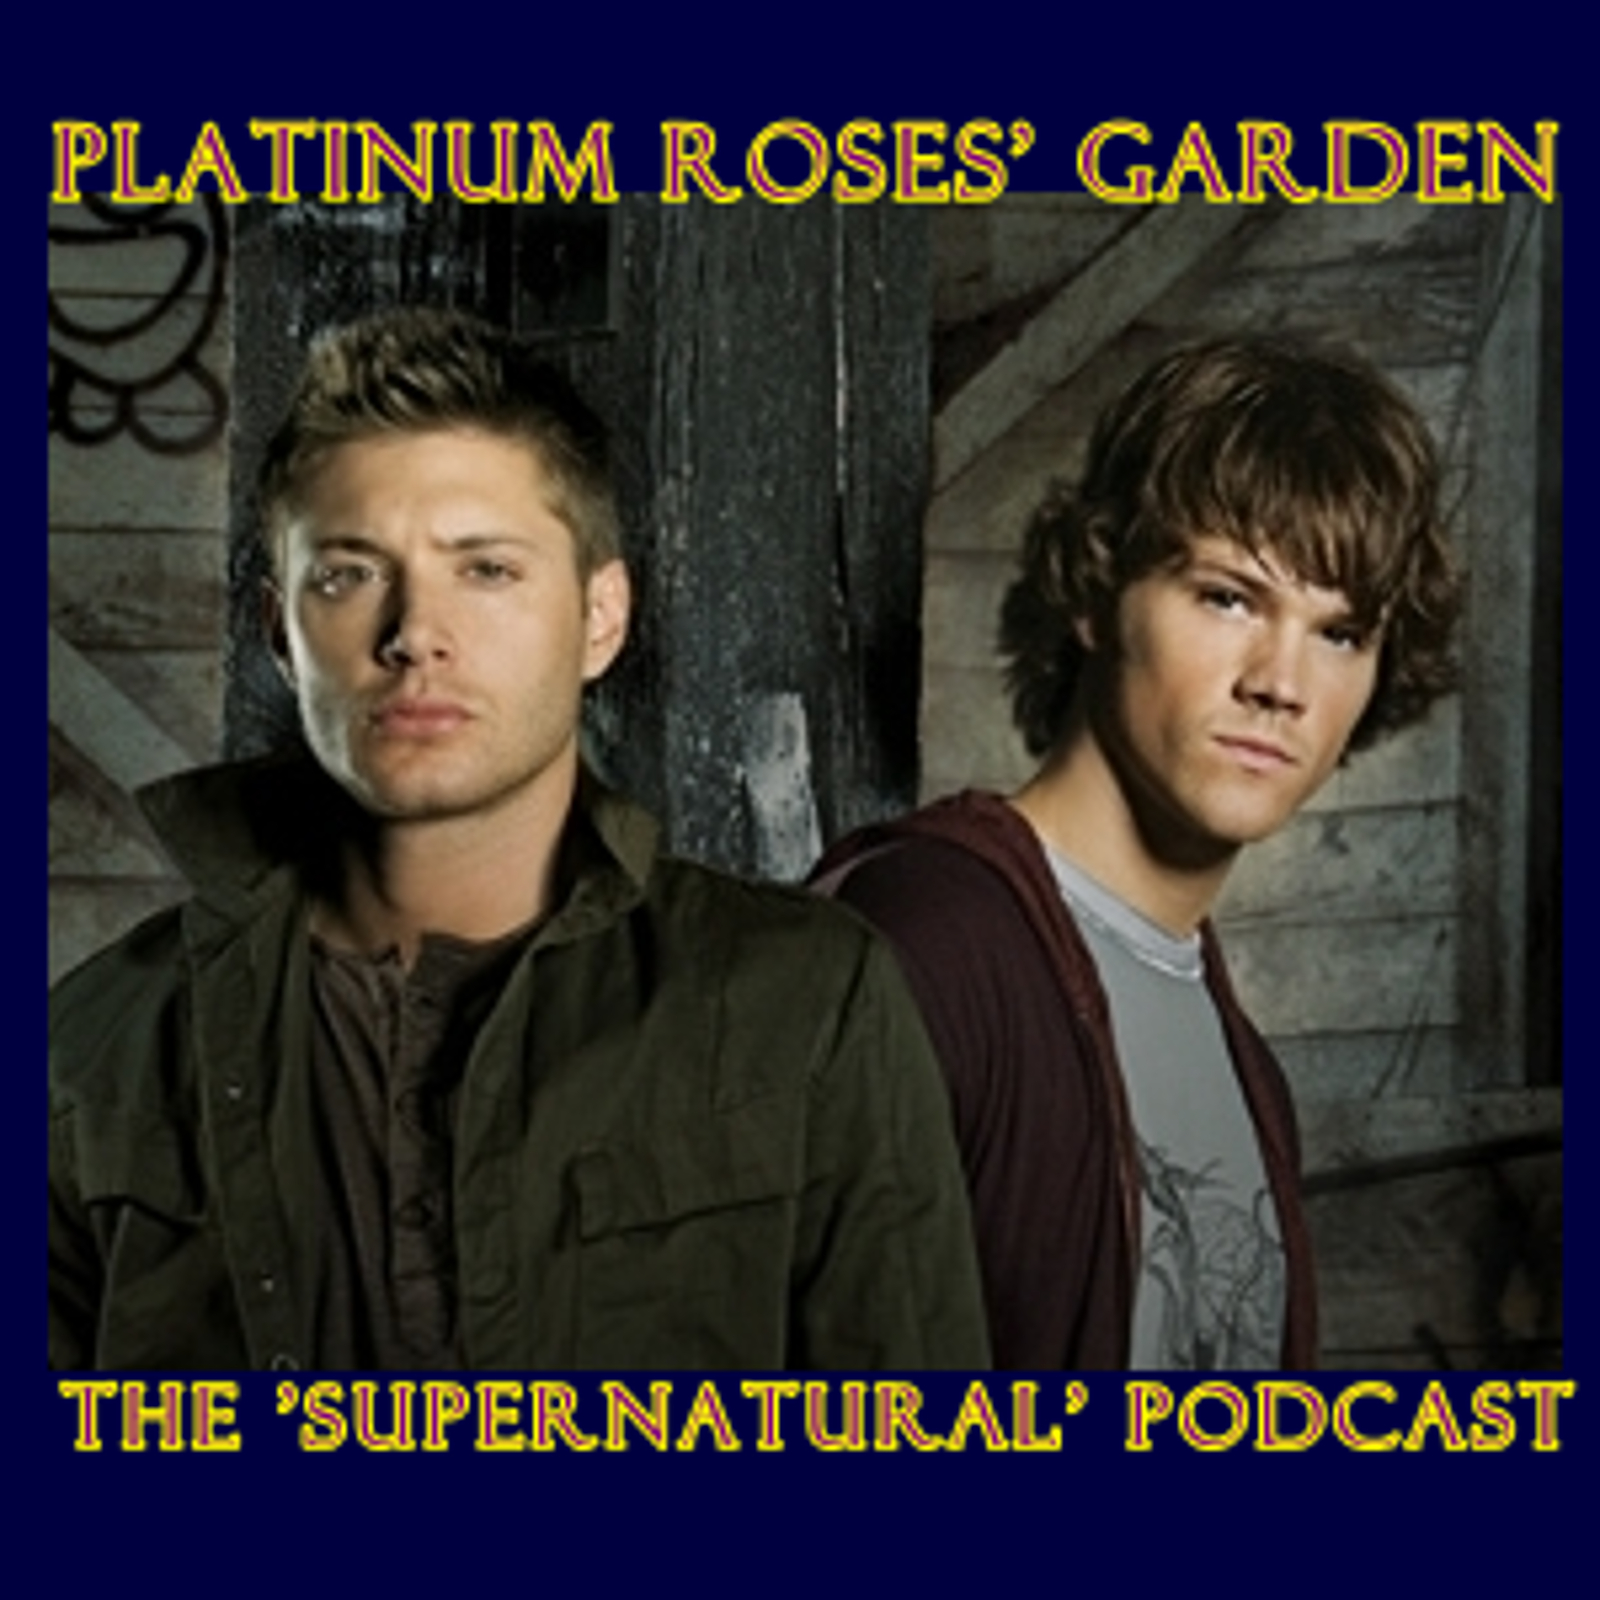 Artwork for Platinum Roses' Garden - November 2 2011